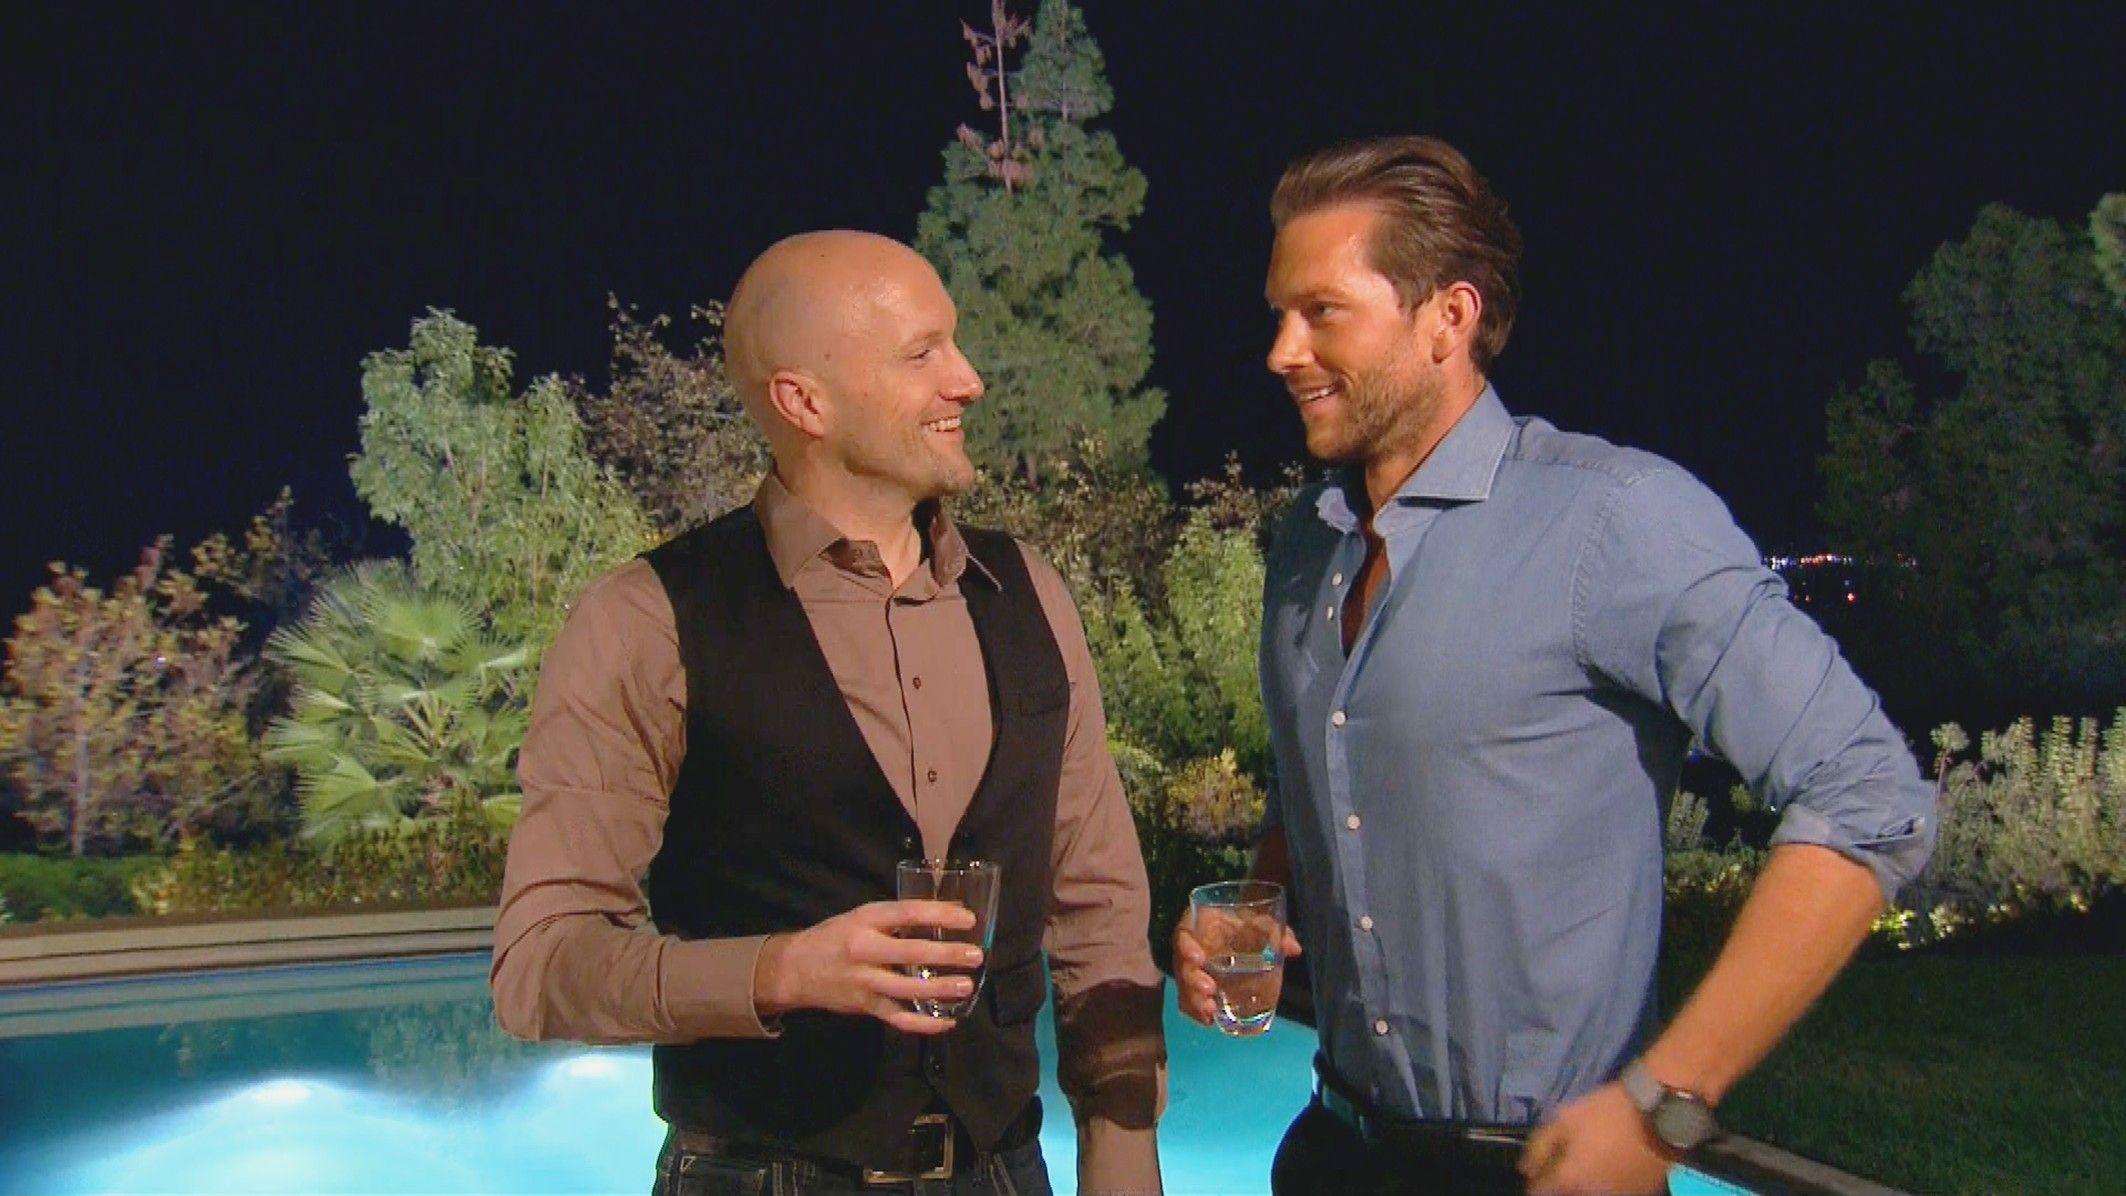 Der Bachelor 2015 Folge 5 - Oliver und Bruder Alexander